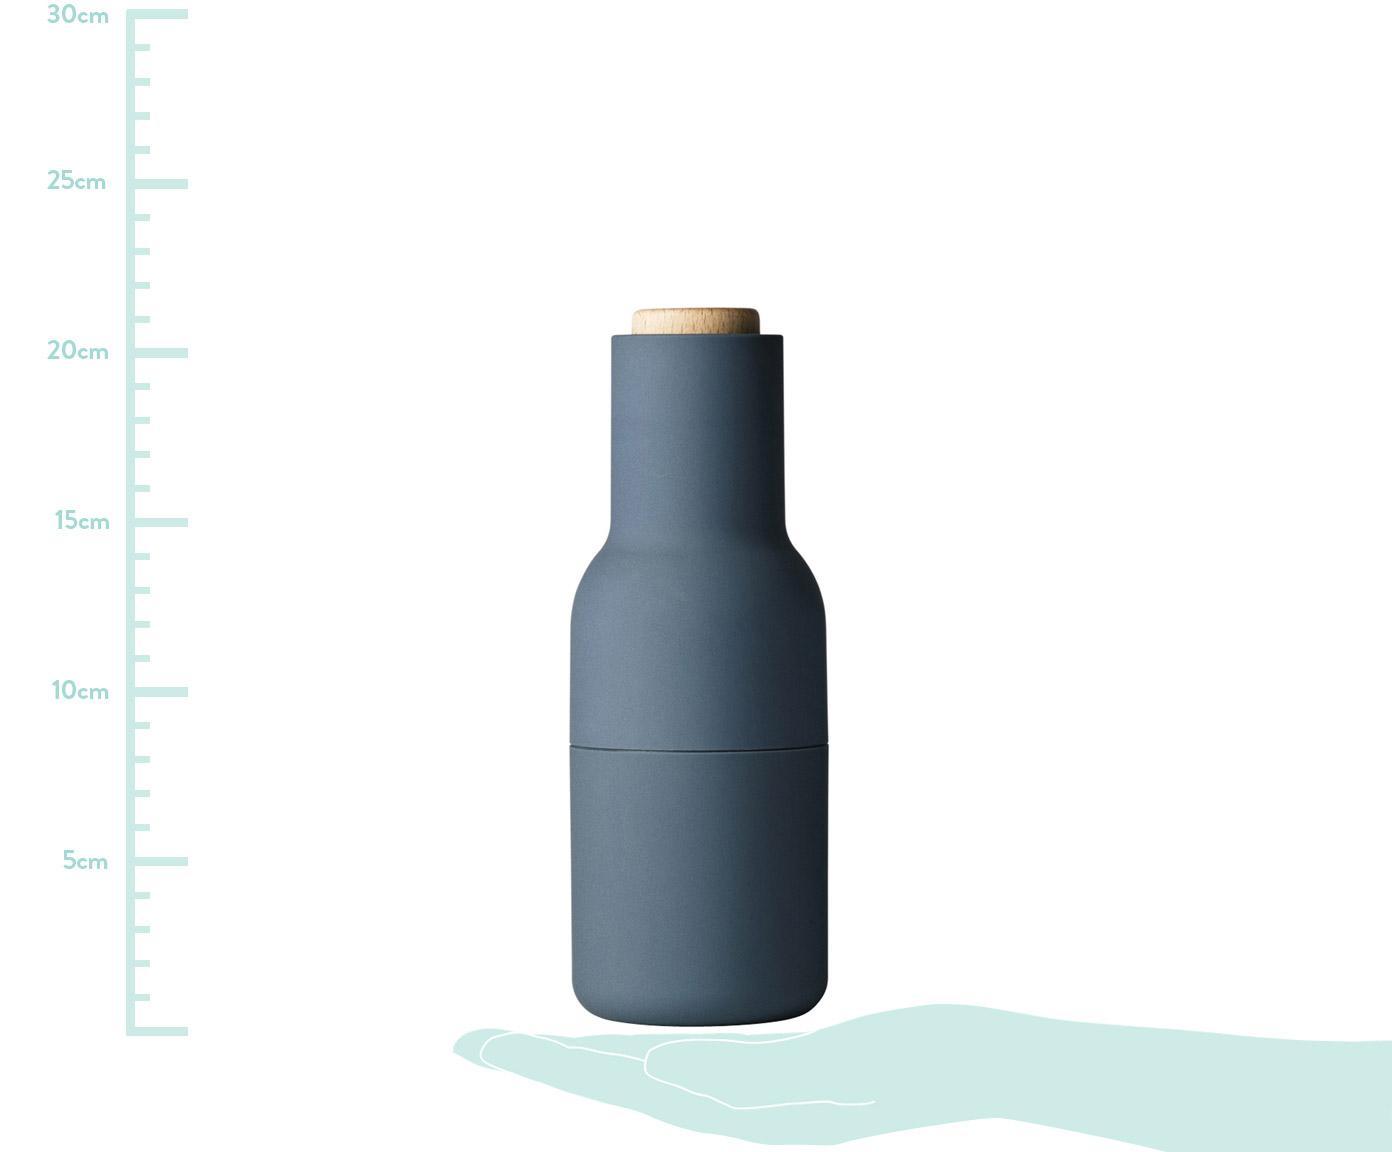 Peper- en zoutmolen Bottle Grinder, 2-delig, Frame: kunststof, keramische gri, Deksel: hout, Blauw, lichtblauw, bruin, Ø 8 x H 21 cm